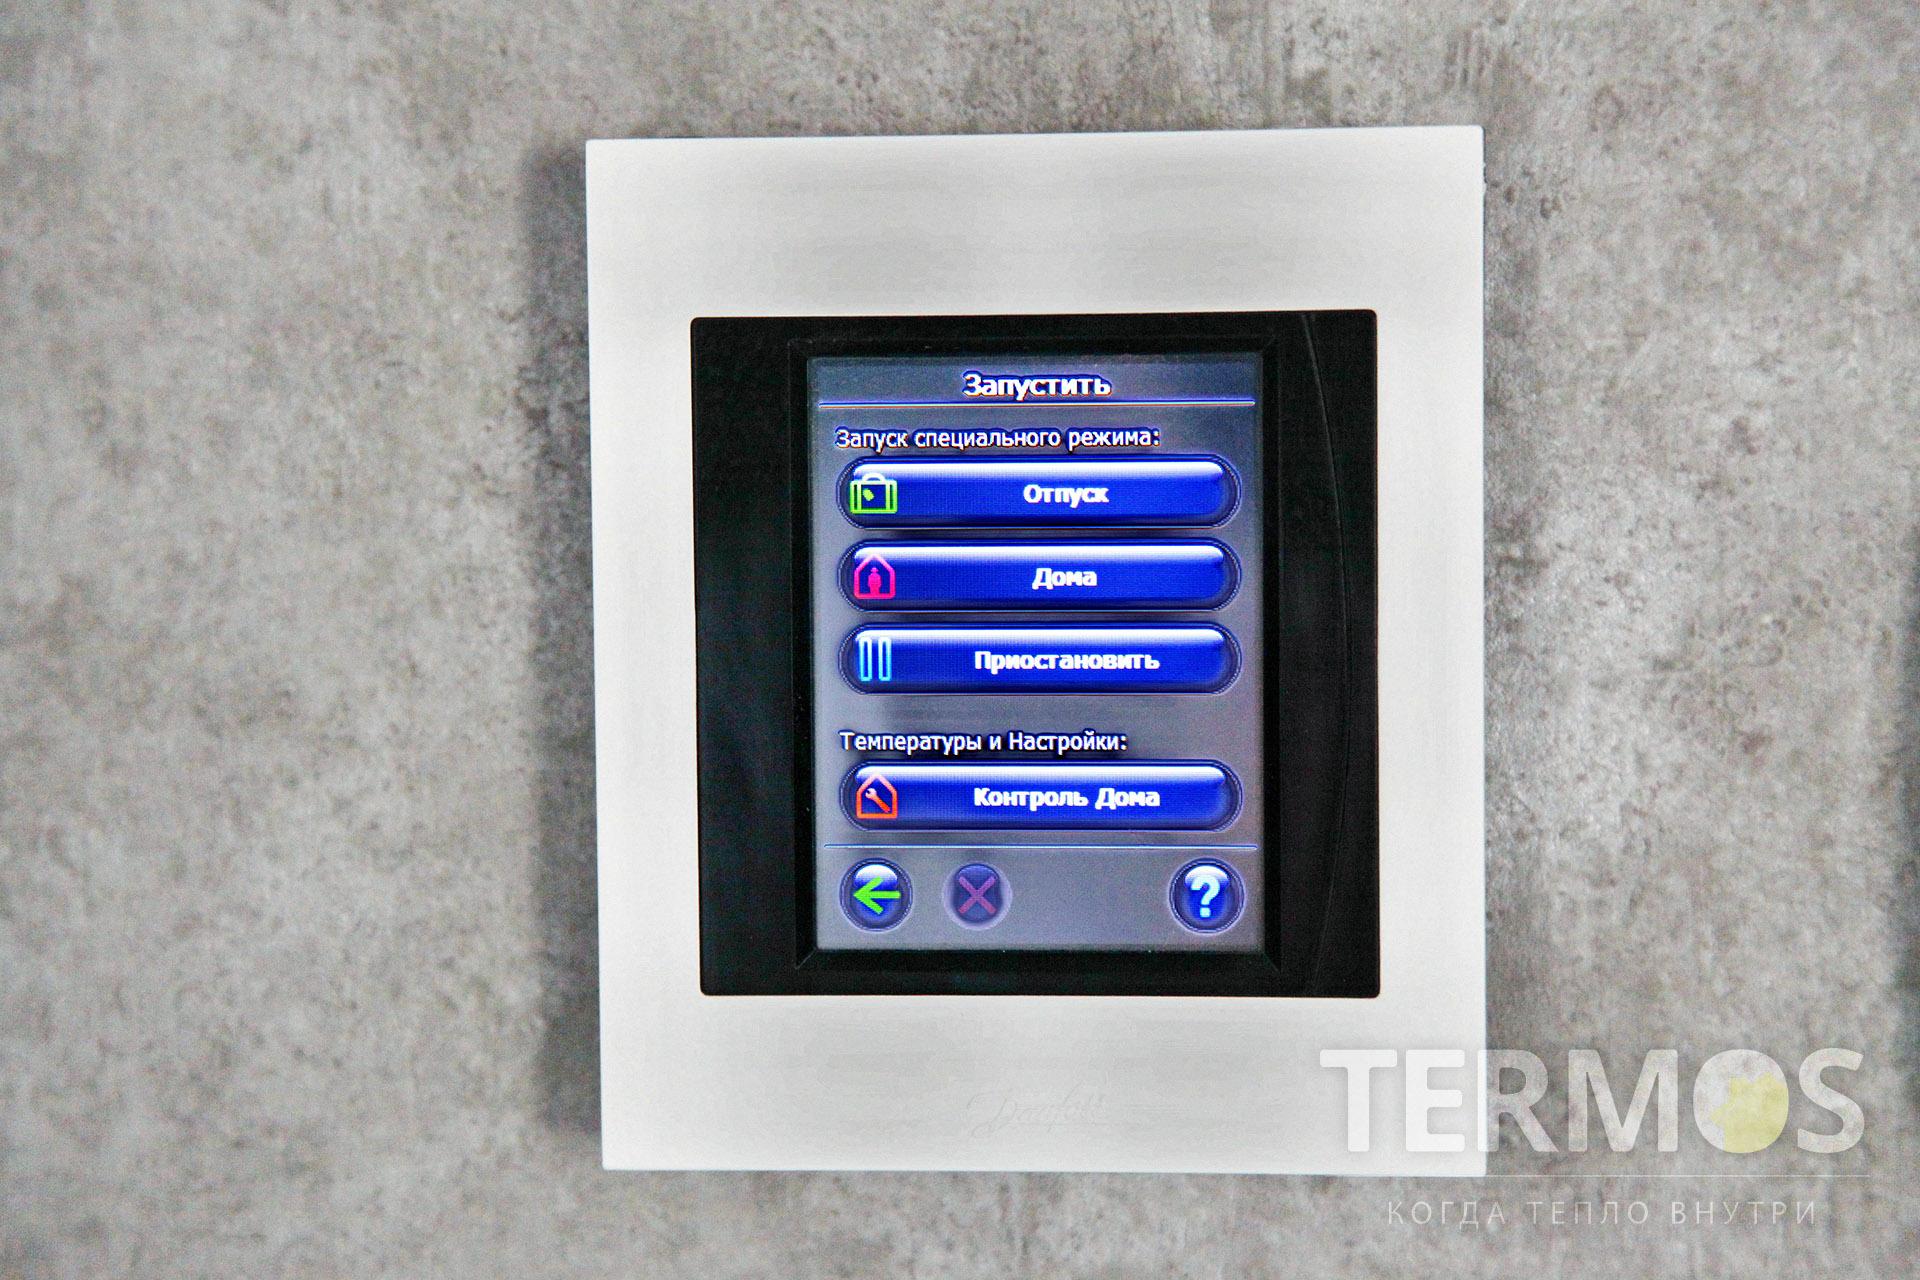 Беспроводная автоматика управления температурами в каждой комнате, с доступом управления через интернет. Позволяет снижать или отключать отопление в помещении при отсутствии людей.